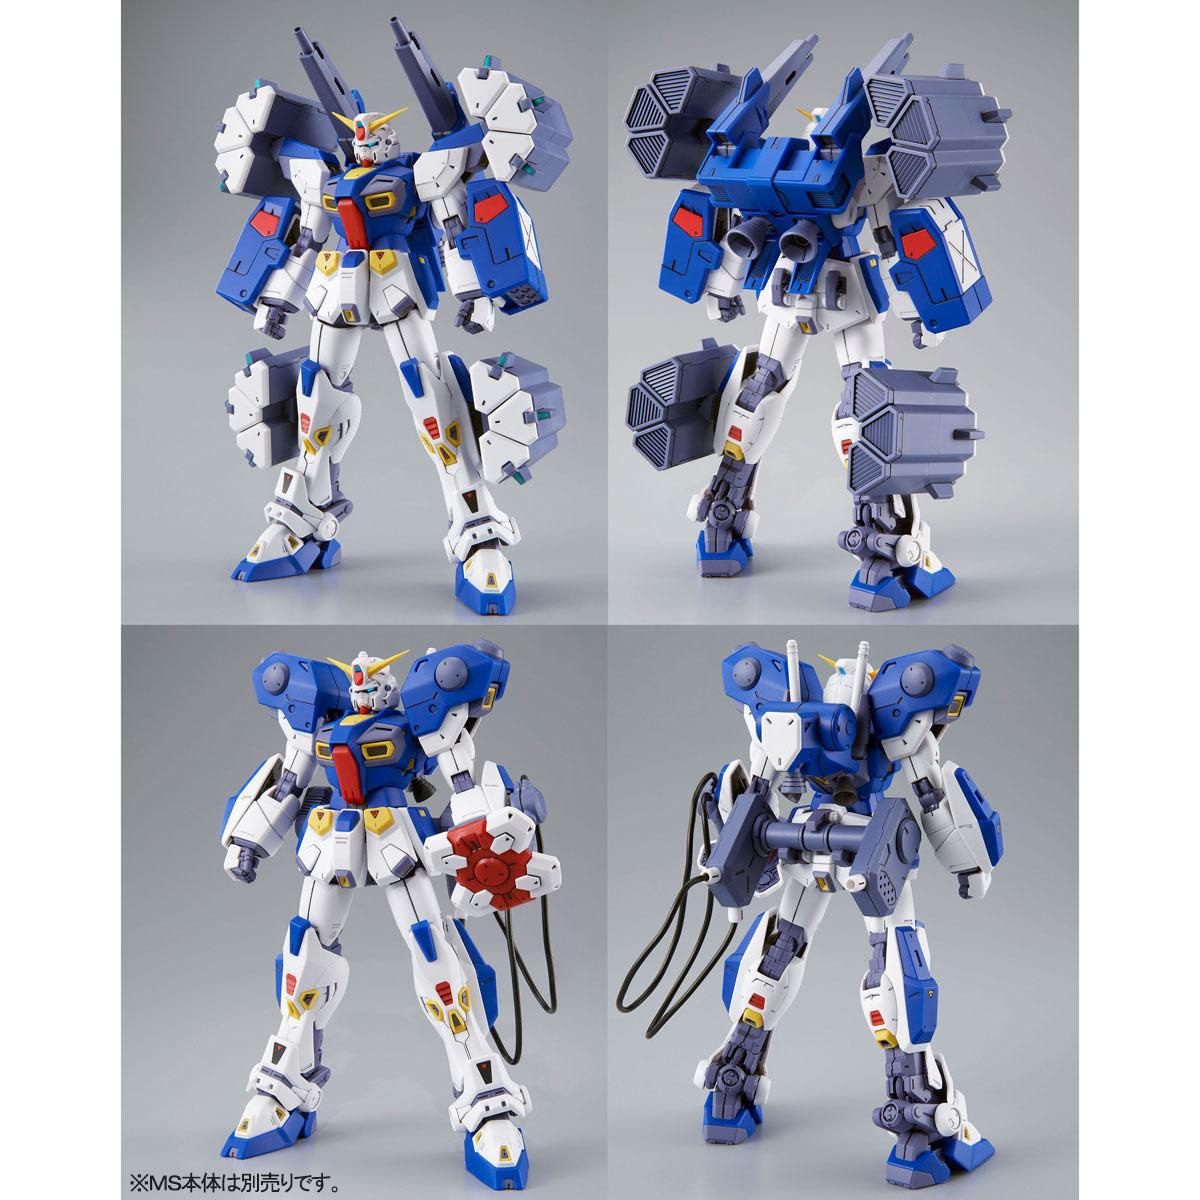 【限定販売】MG 1/100『ガンダムF90用 ミッションパック Bタイプ&Kタイプ』プラモデル-003